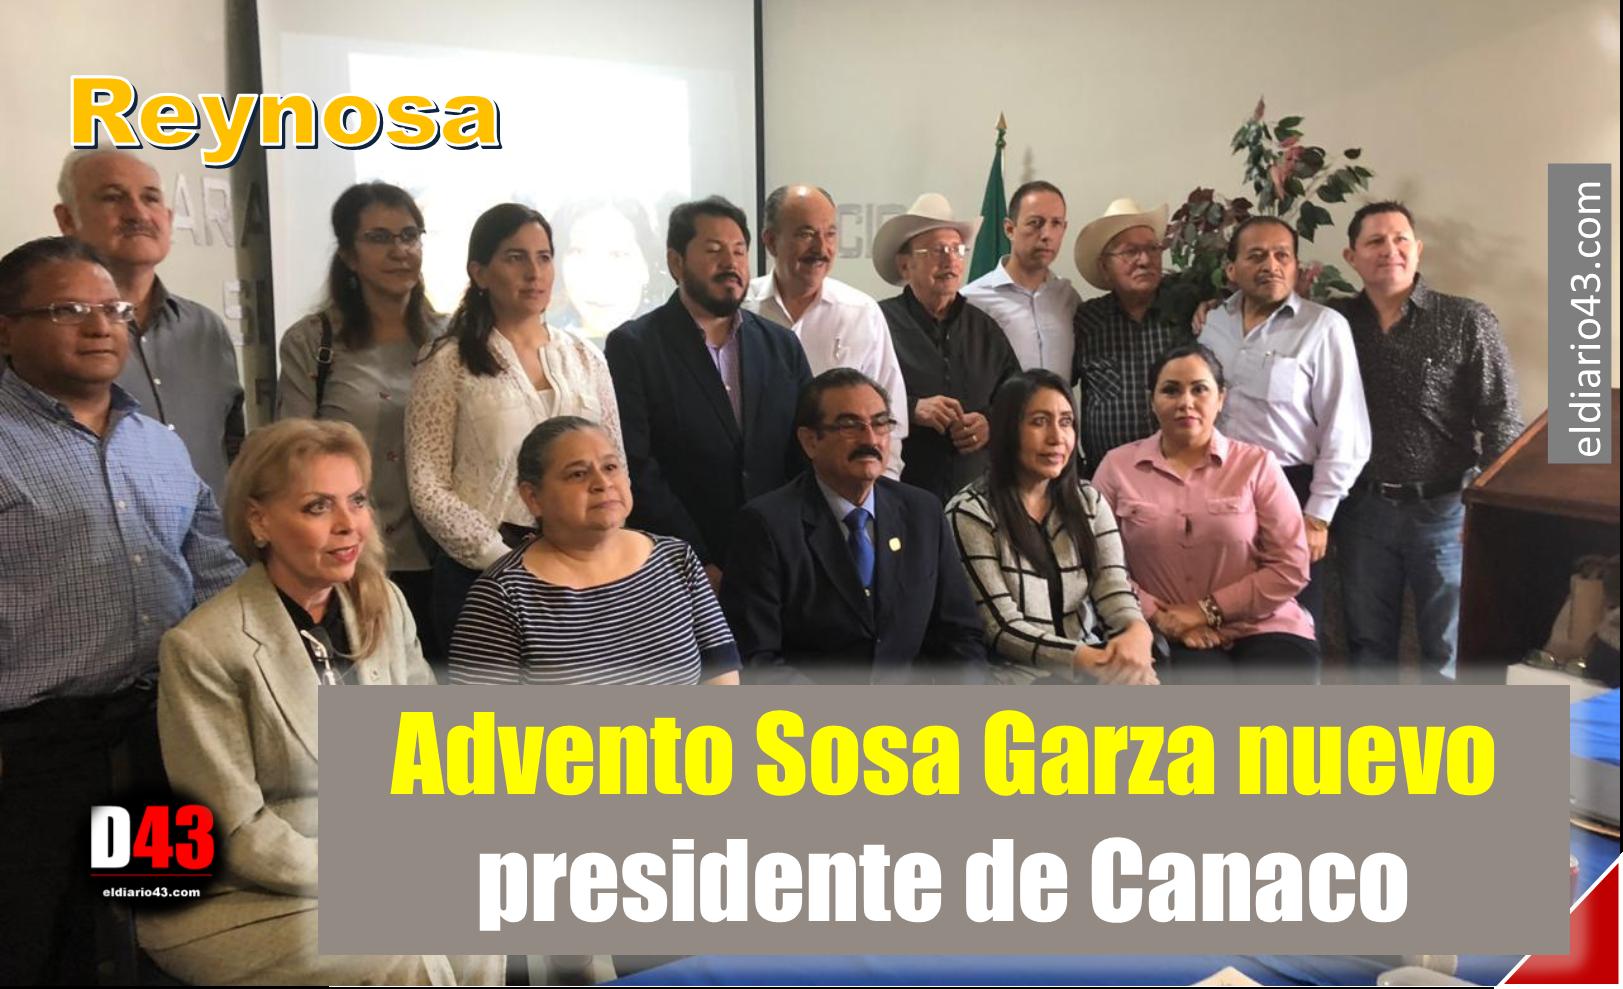 Toma protesta Advento Sosa Garza como presidente de Canaco Reynosa 2019 – 2020